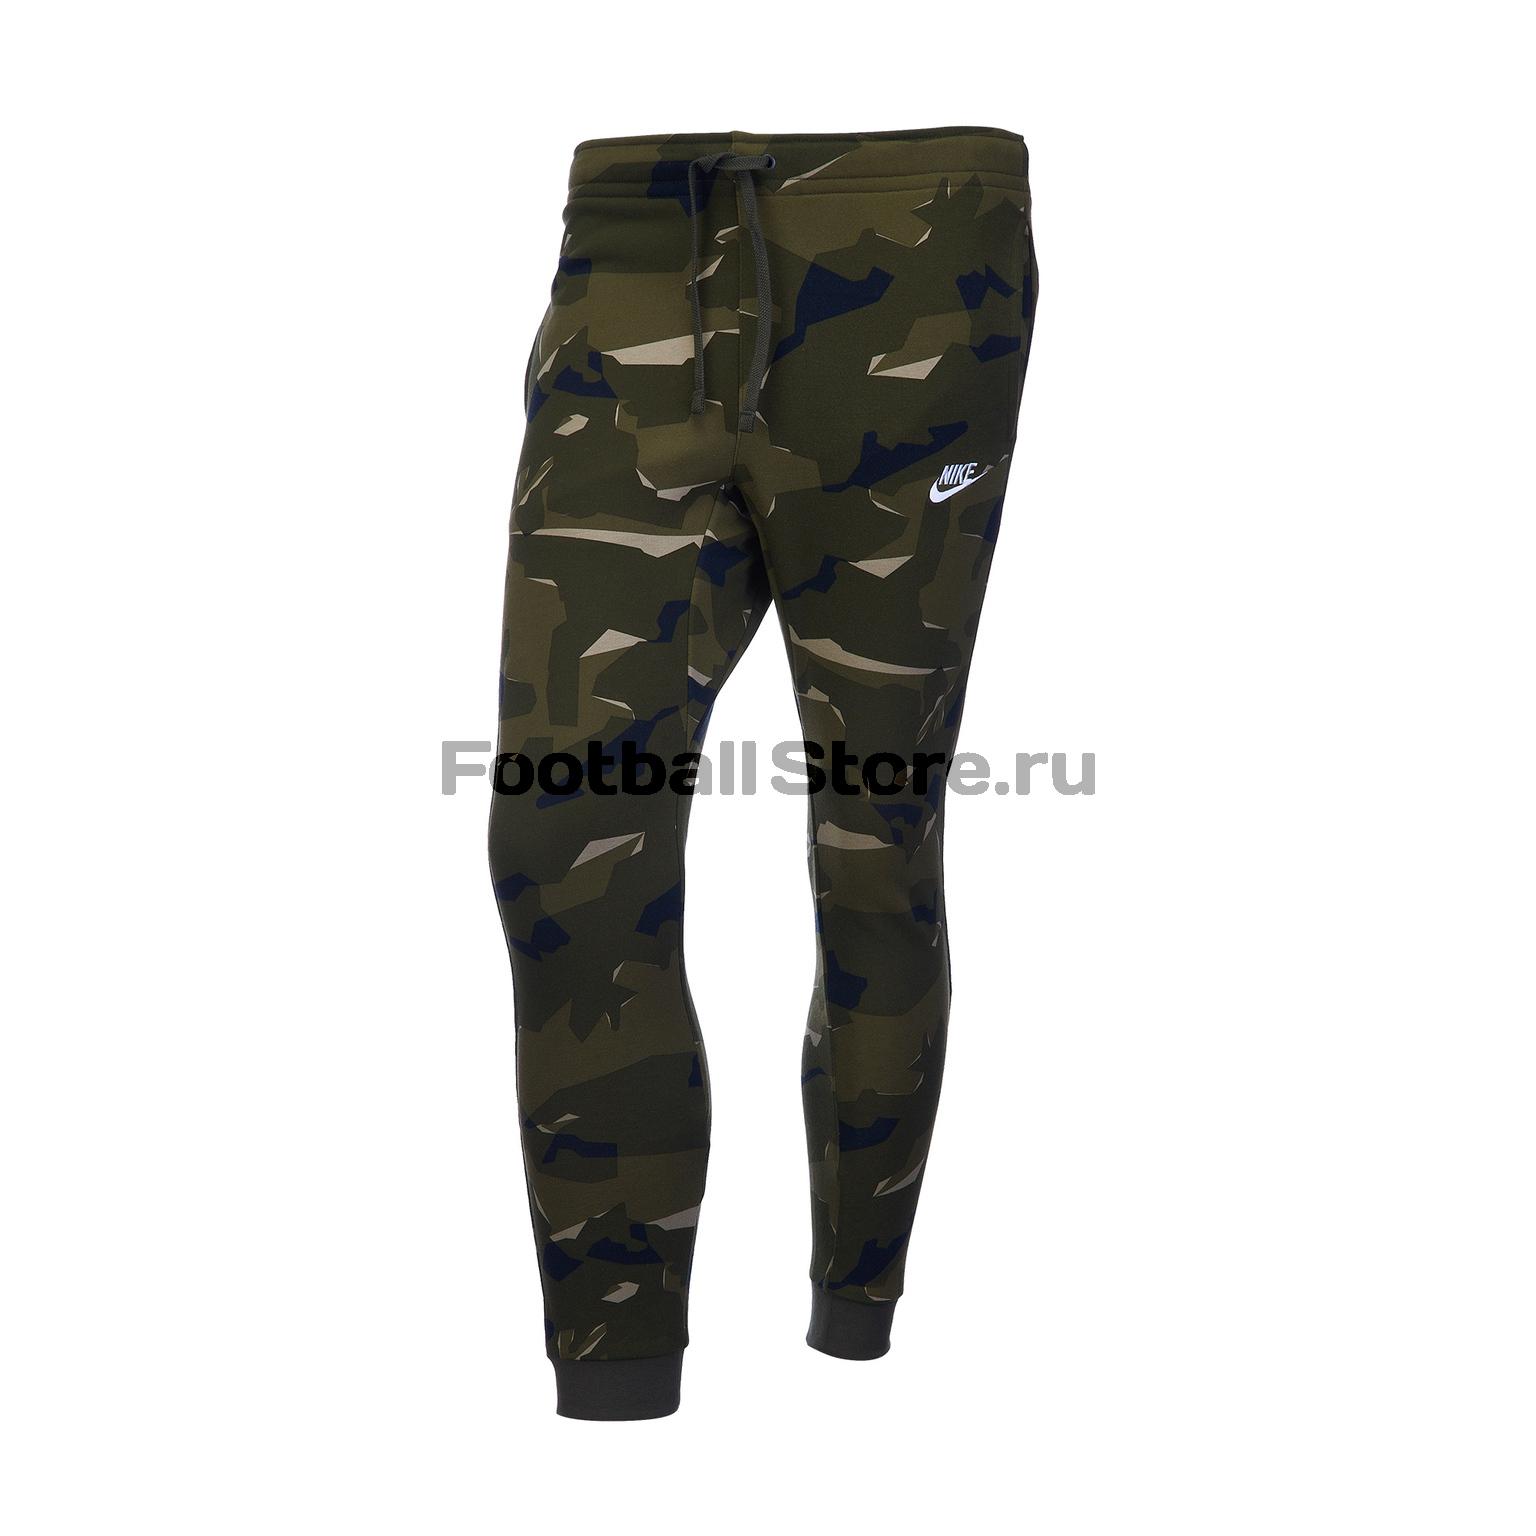 Брюки тренировочные Nike Club Camo Jogger AR1306-325